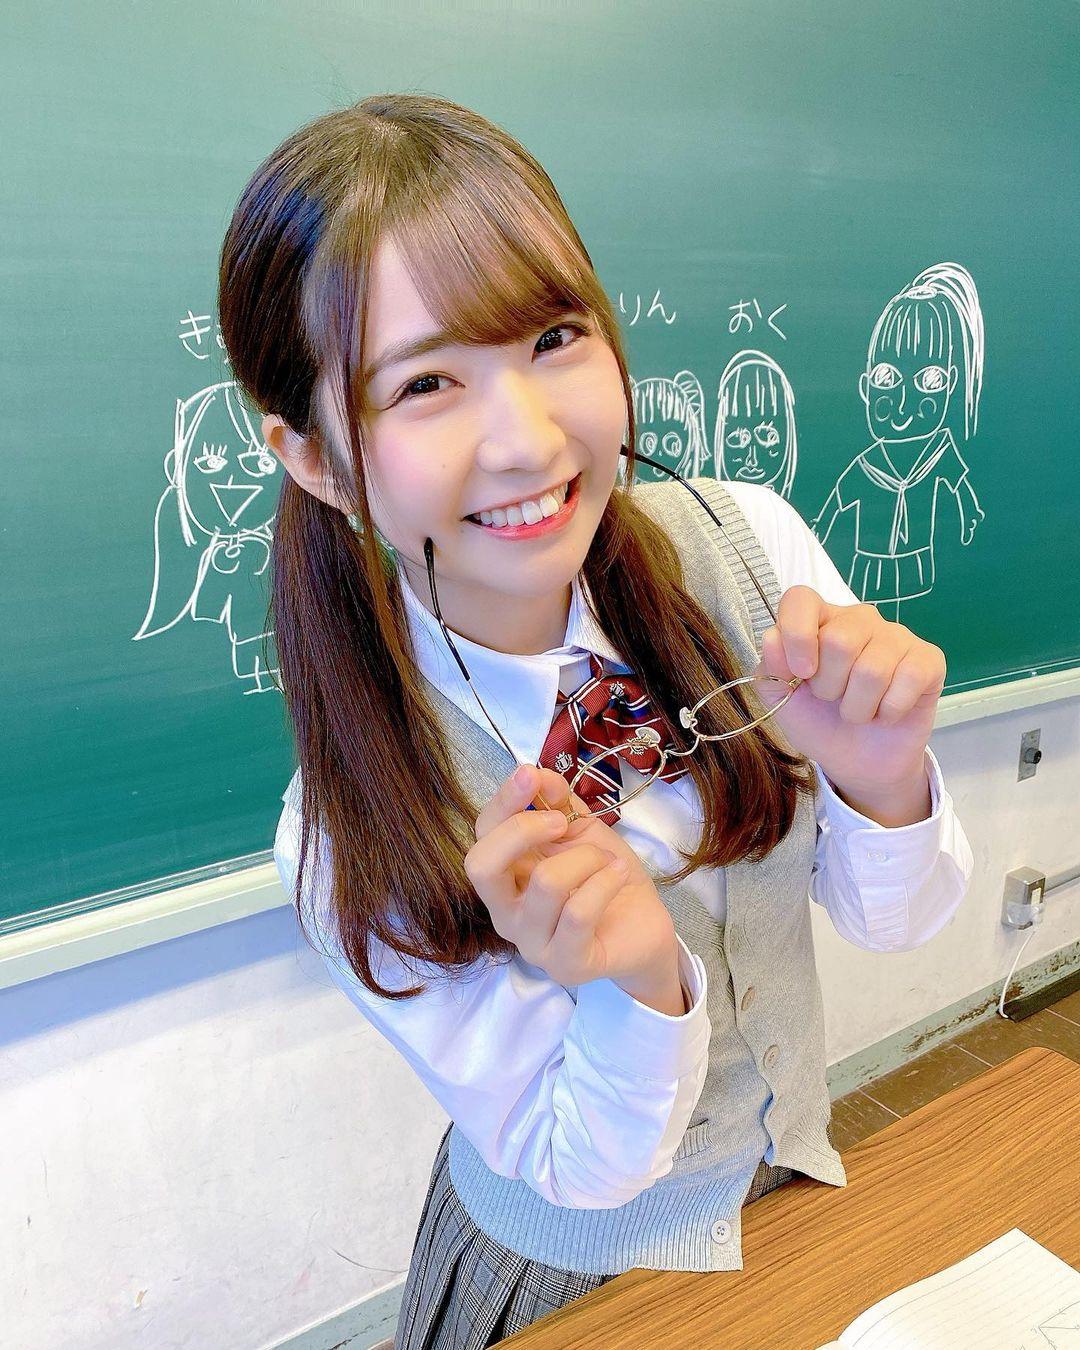 amaukisumi_158073815_712751235966338_8321308524395852843_n.jpg